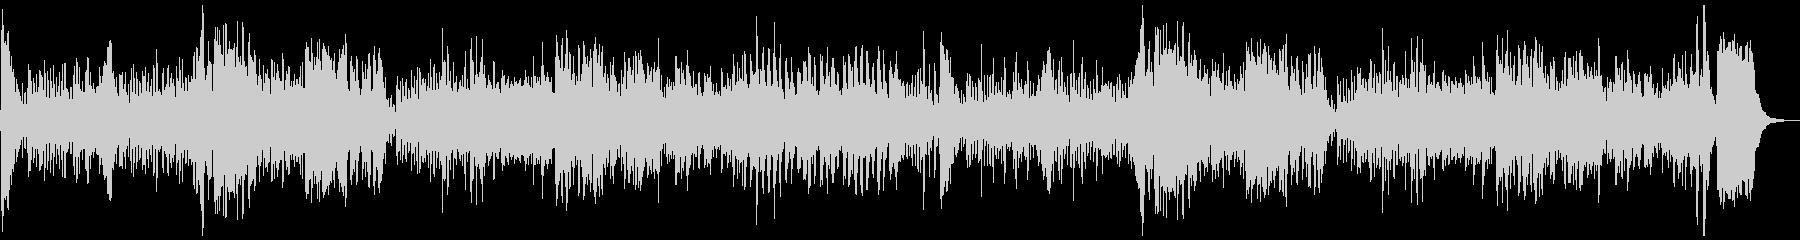 生演奏クラシック、ヨハンシュトラウスの未再生の波形